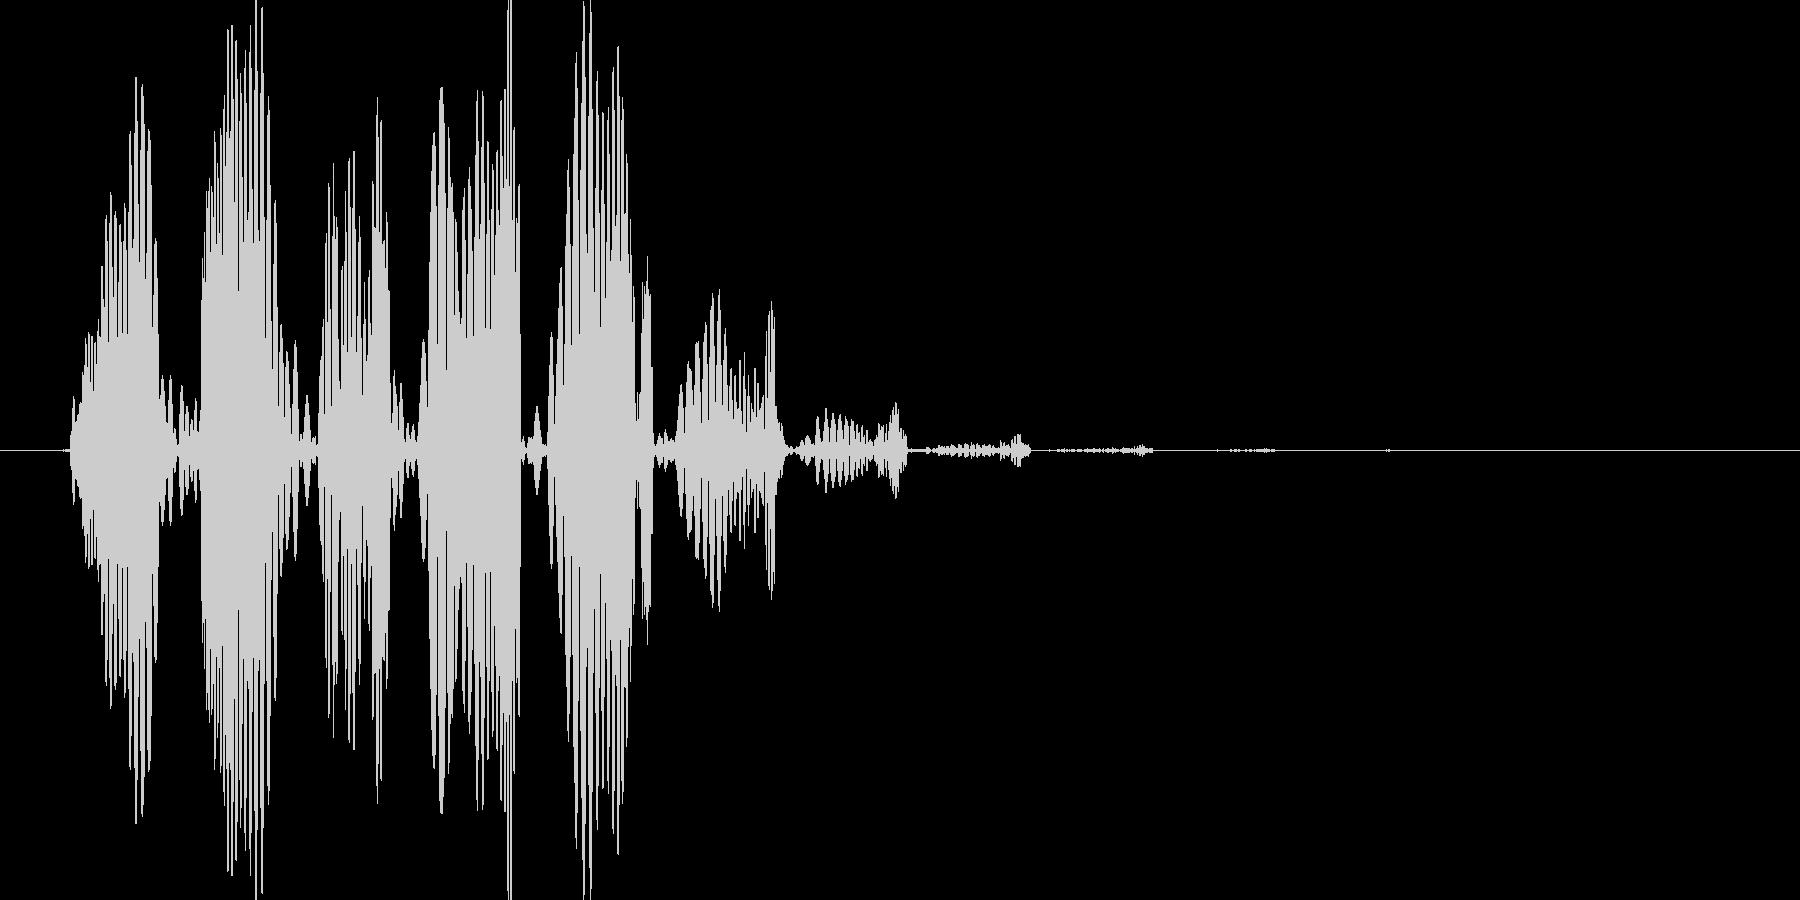 電子系のブクブク音の未再生の波形